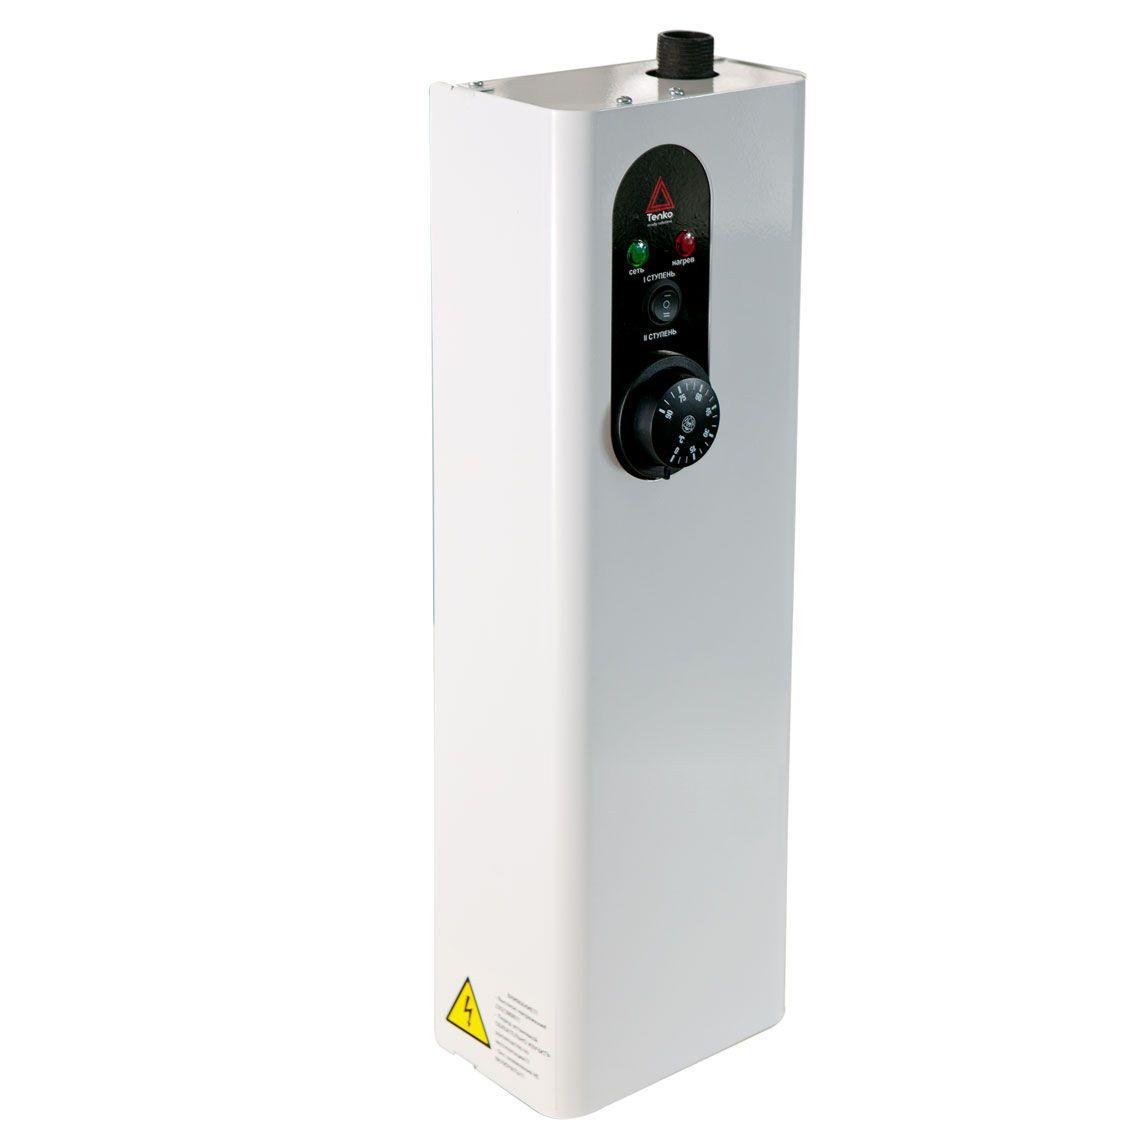 котел электрический для отопления дачи мини цена